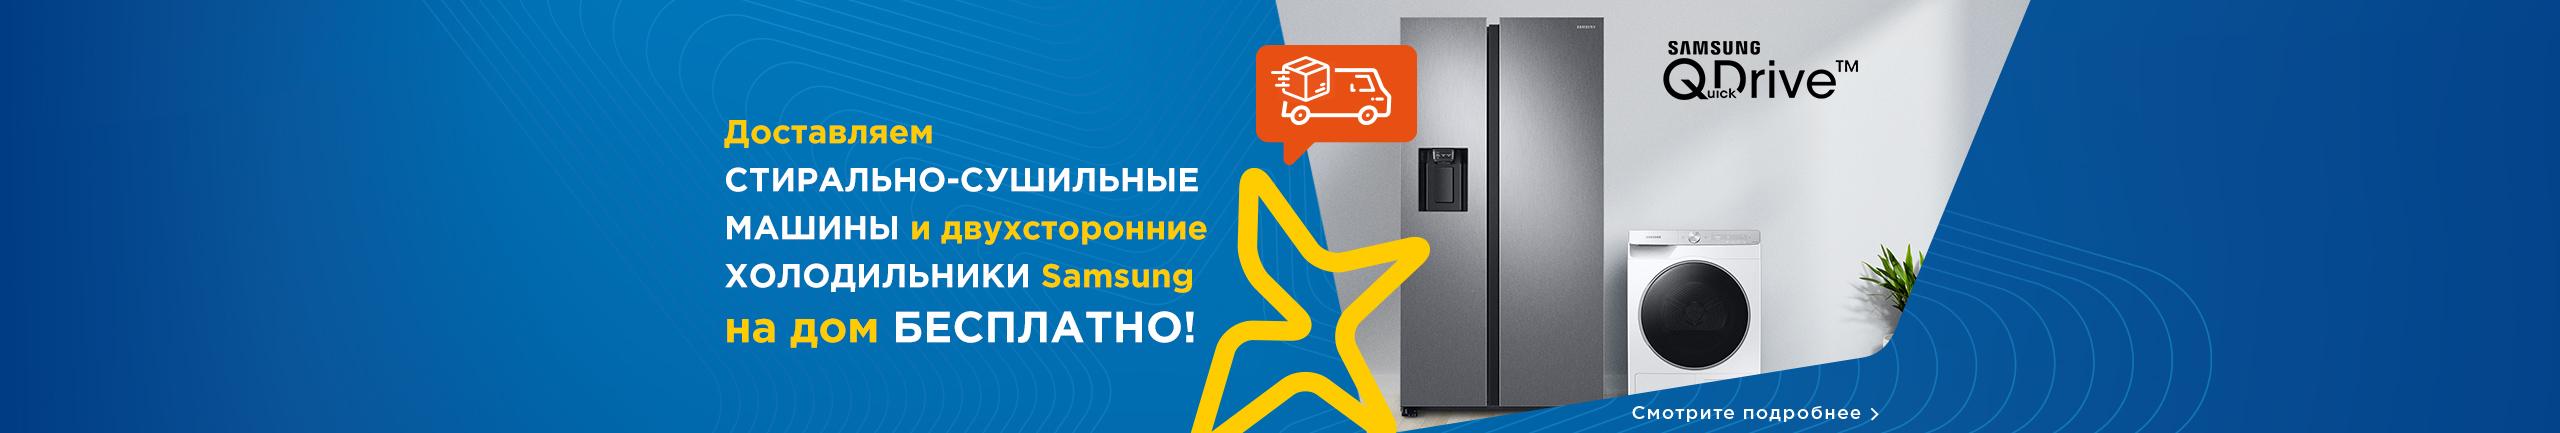 Доставляем СТИРАЛЬНО-СУШИЛЬНЫЕ МАШИНЫ и двухсторонние ХОЛОДИЛЬНИКИ Samsung на дом БЕСПЛАТНО!